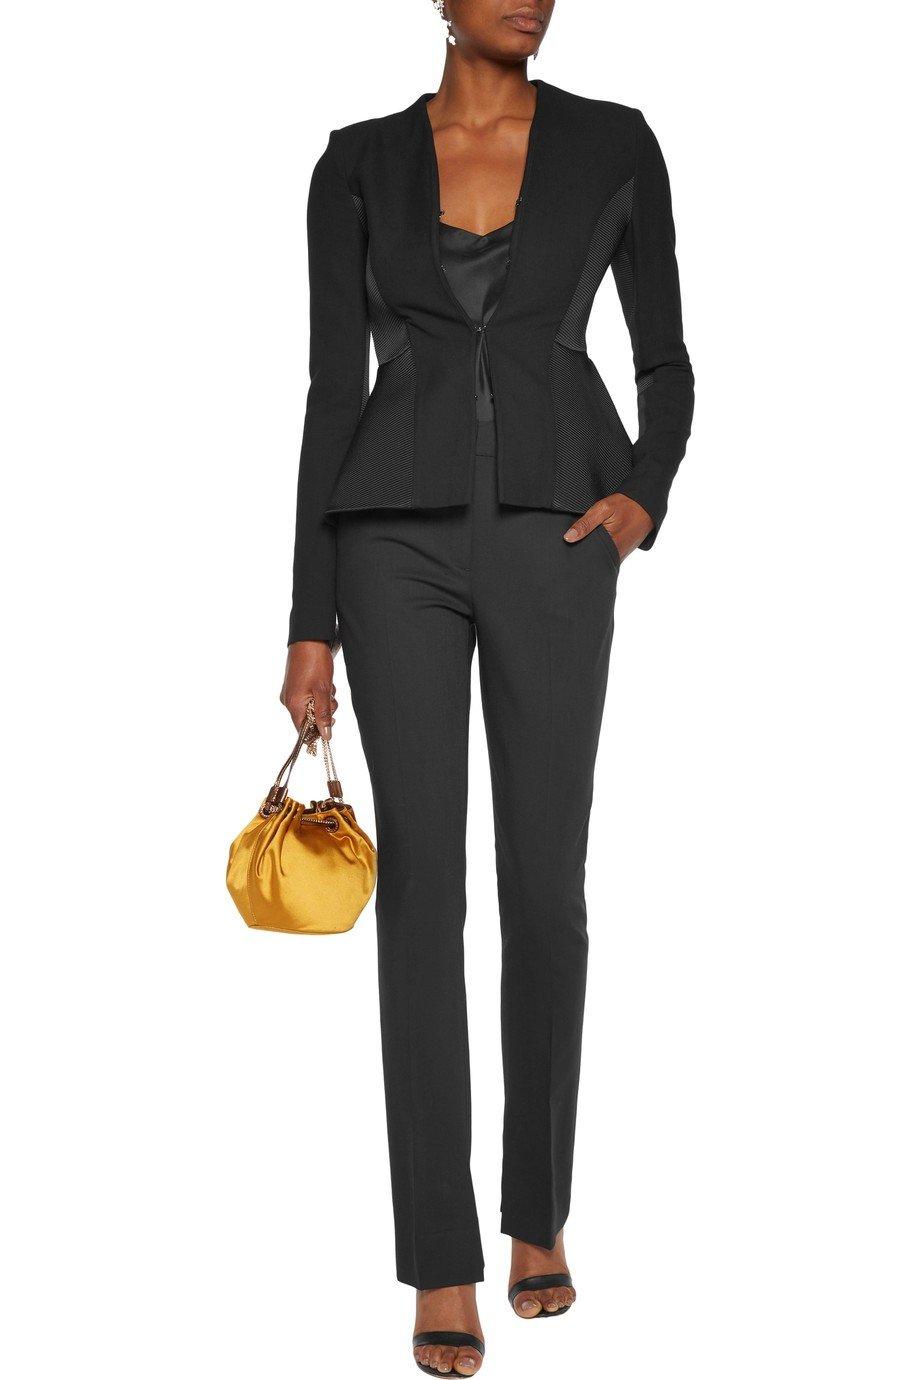 модный черный укороченный пиджак для женщины 2018